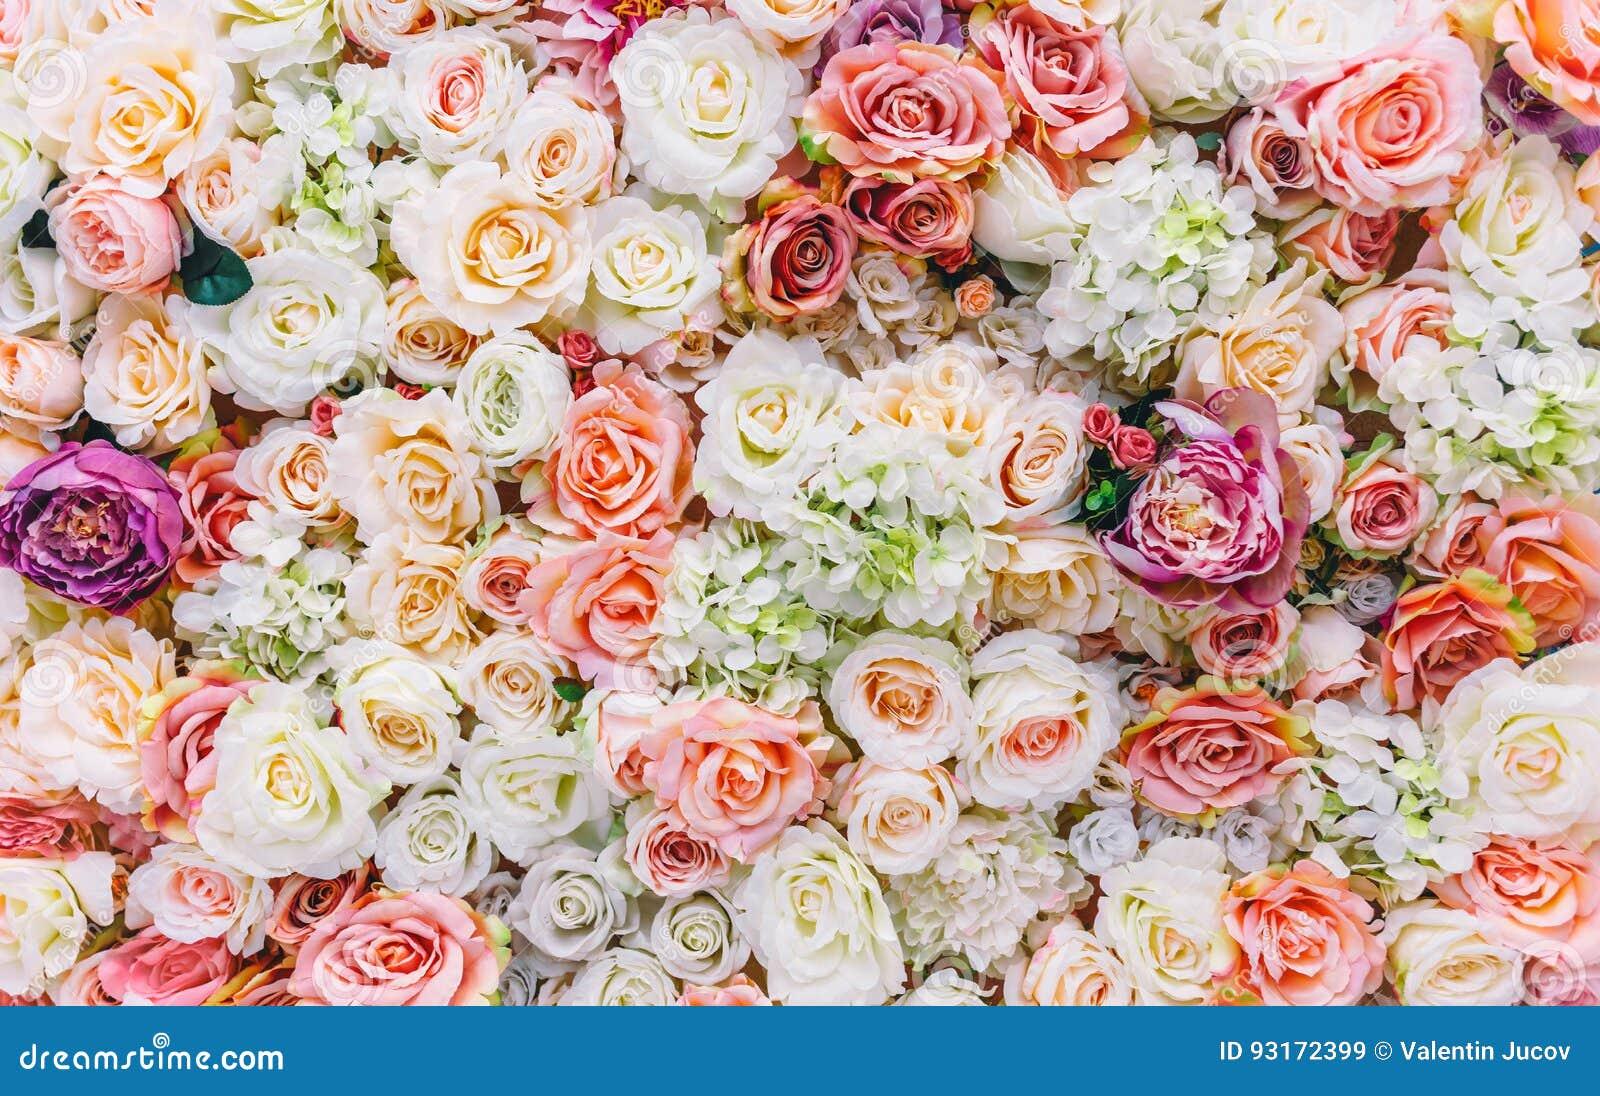 Fondo della parete dei fiori con lo stupore delle rose rosse e bianche, decorazione di nozze, fatta a mano